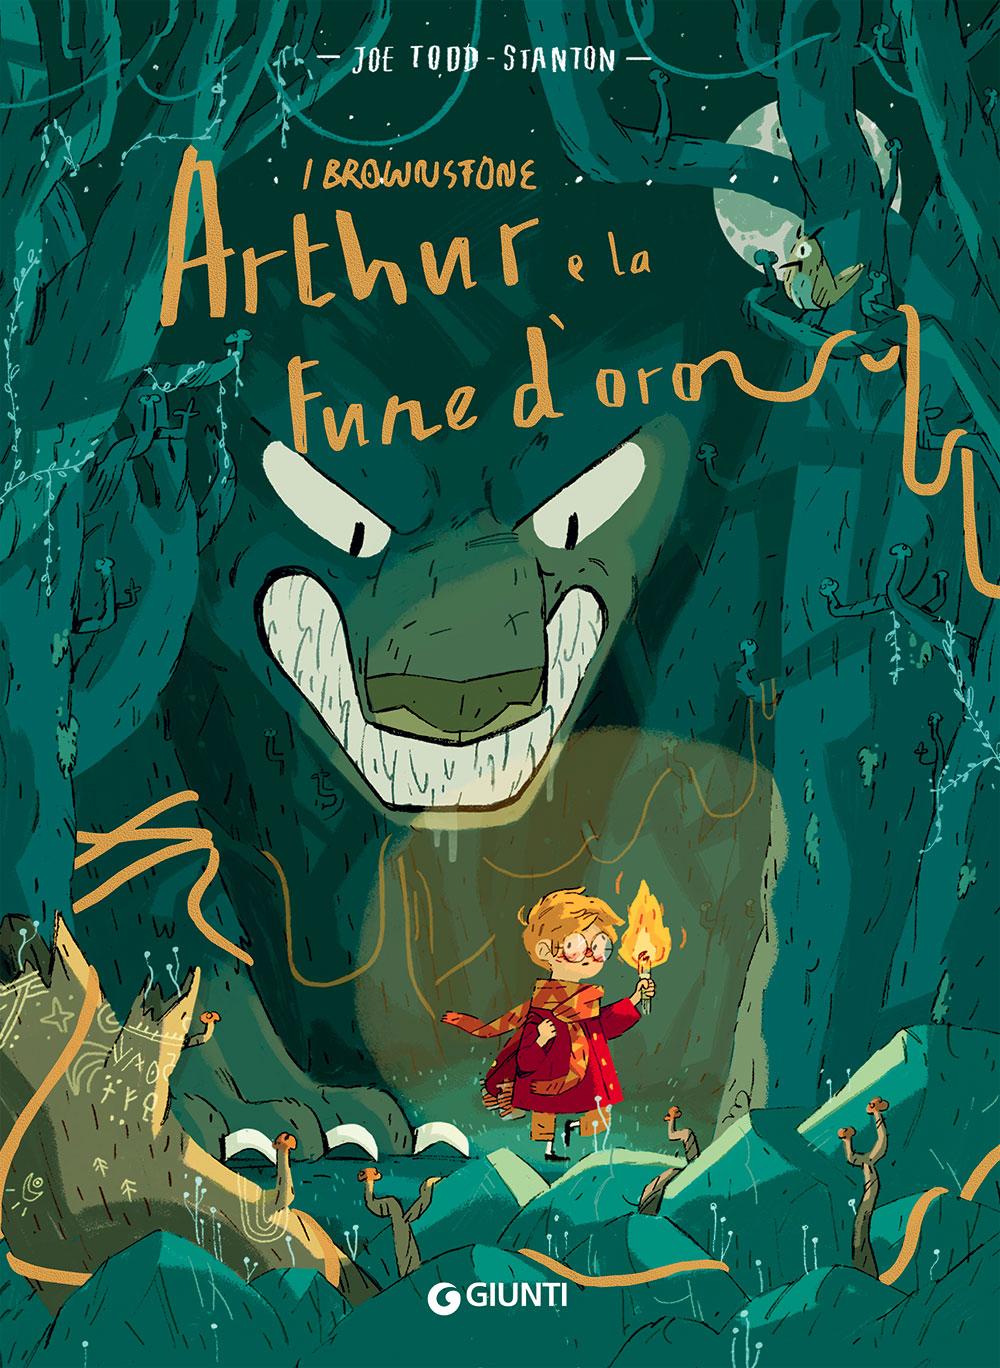 Arthur e la fune d'oro